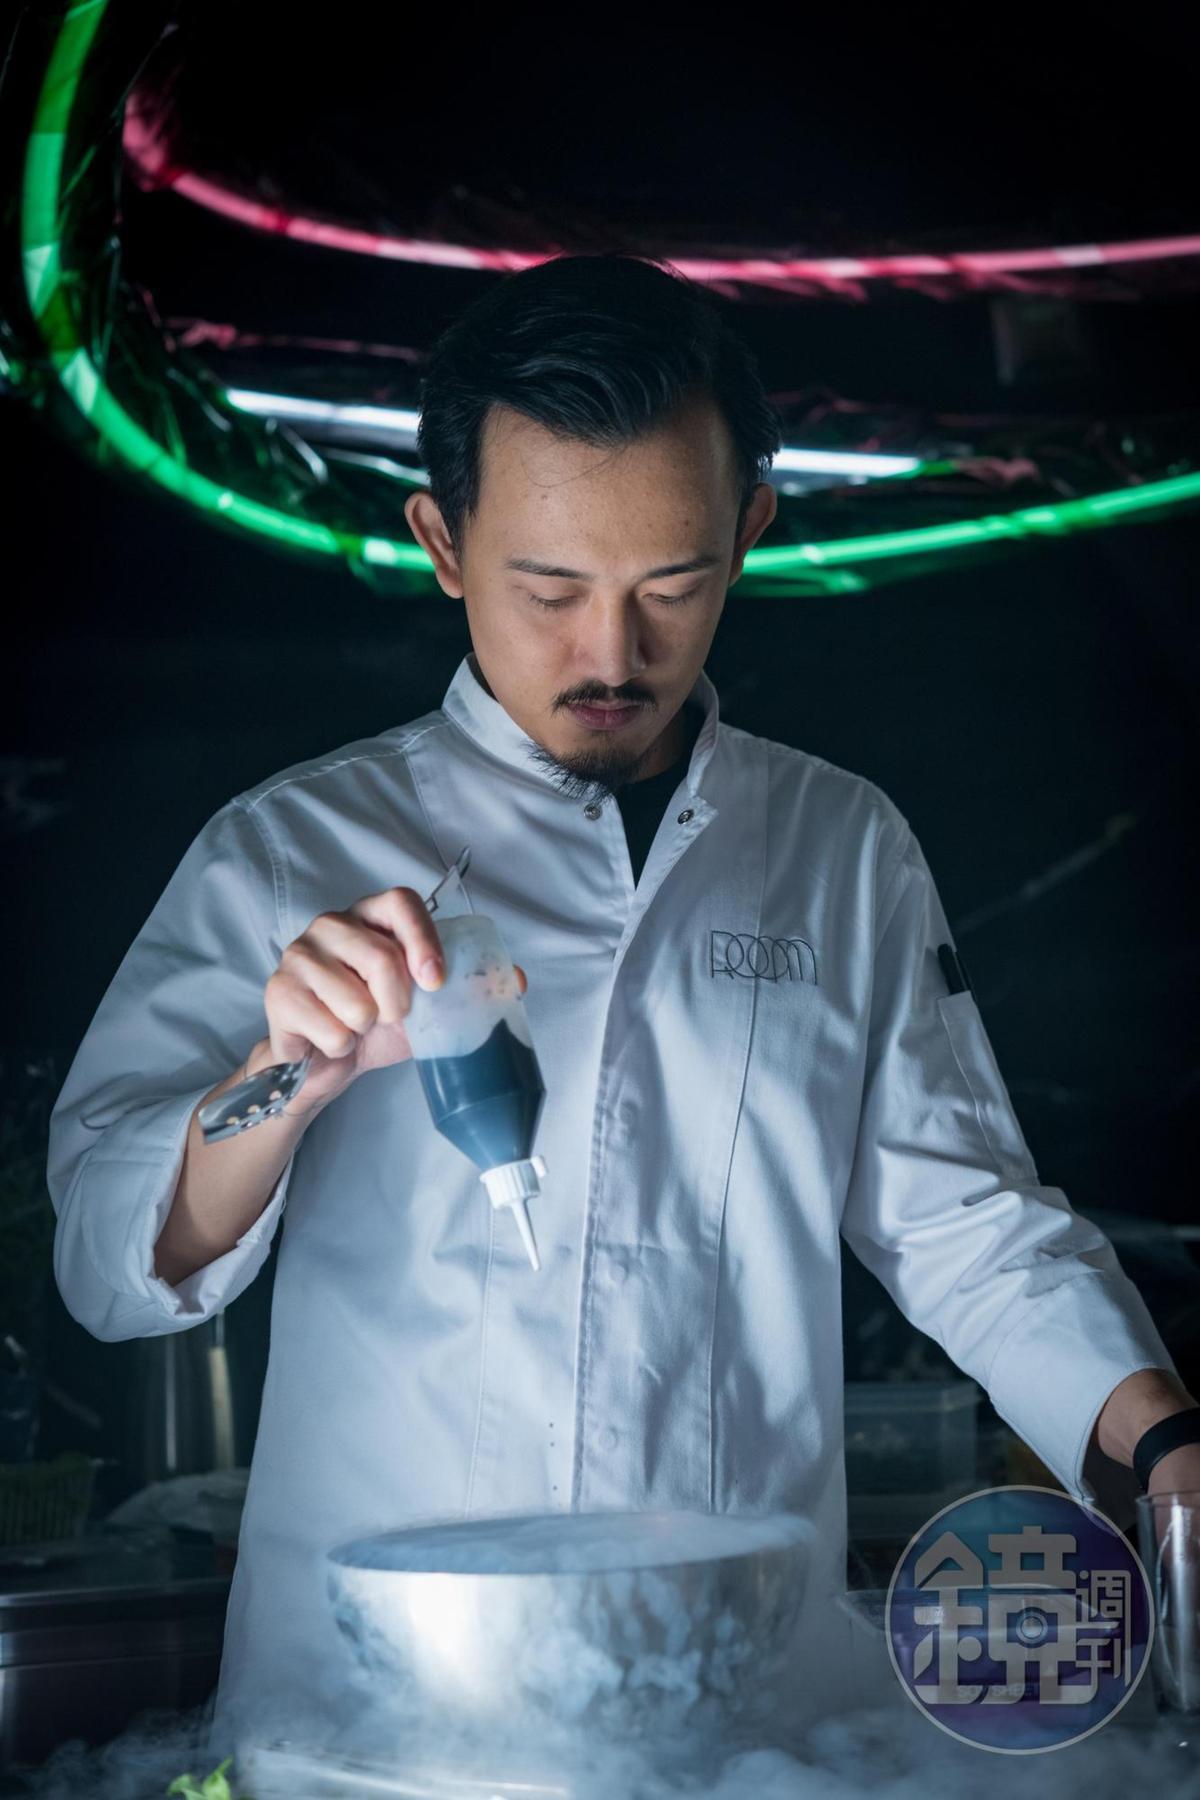 老闆易柏翔像科學家,腦袋裡點子多,端出讓人驚豔的新奇調酒。